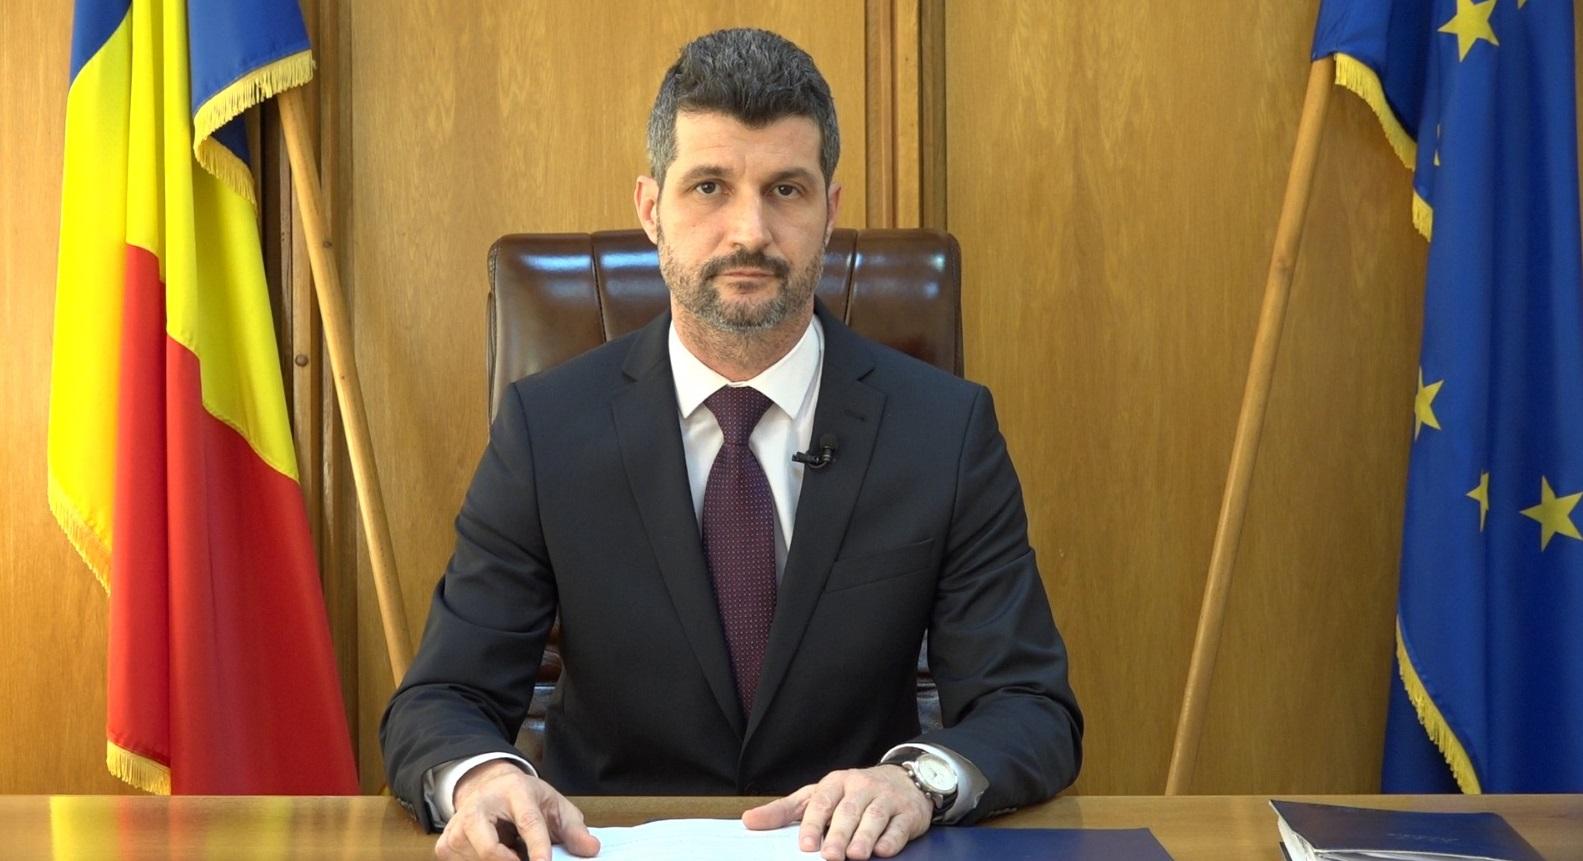 Mesajul domnului prefect Cristian Ionescu cu privire la măsurile care trebuie luate pentru prevenire